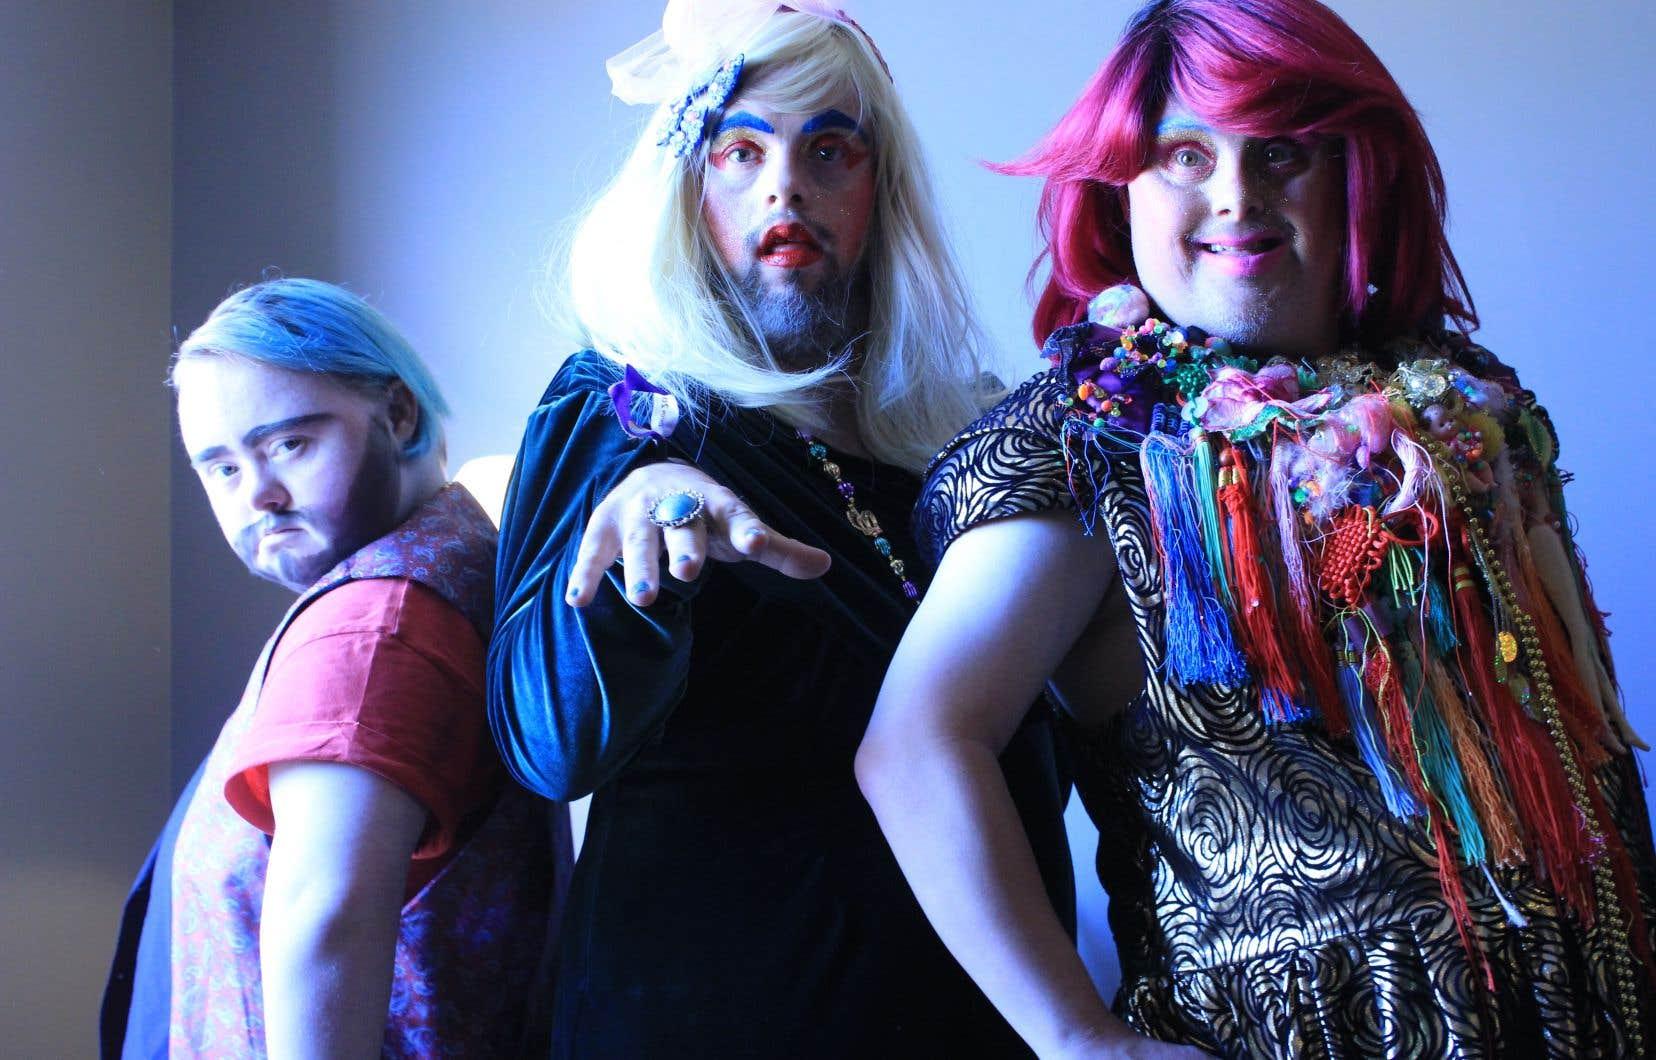 Derrière les perruques, le strass et les maquillages, une certaine conception de la dignité humaine précède la formation de Drag Syndrome.